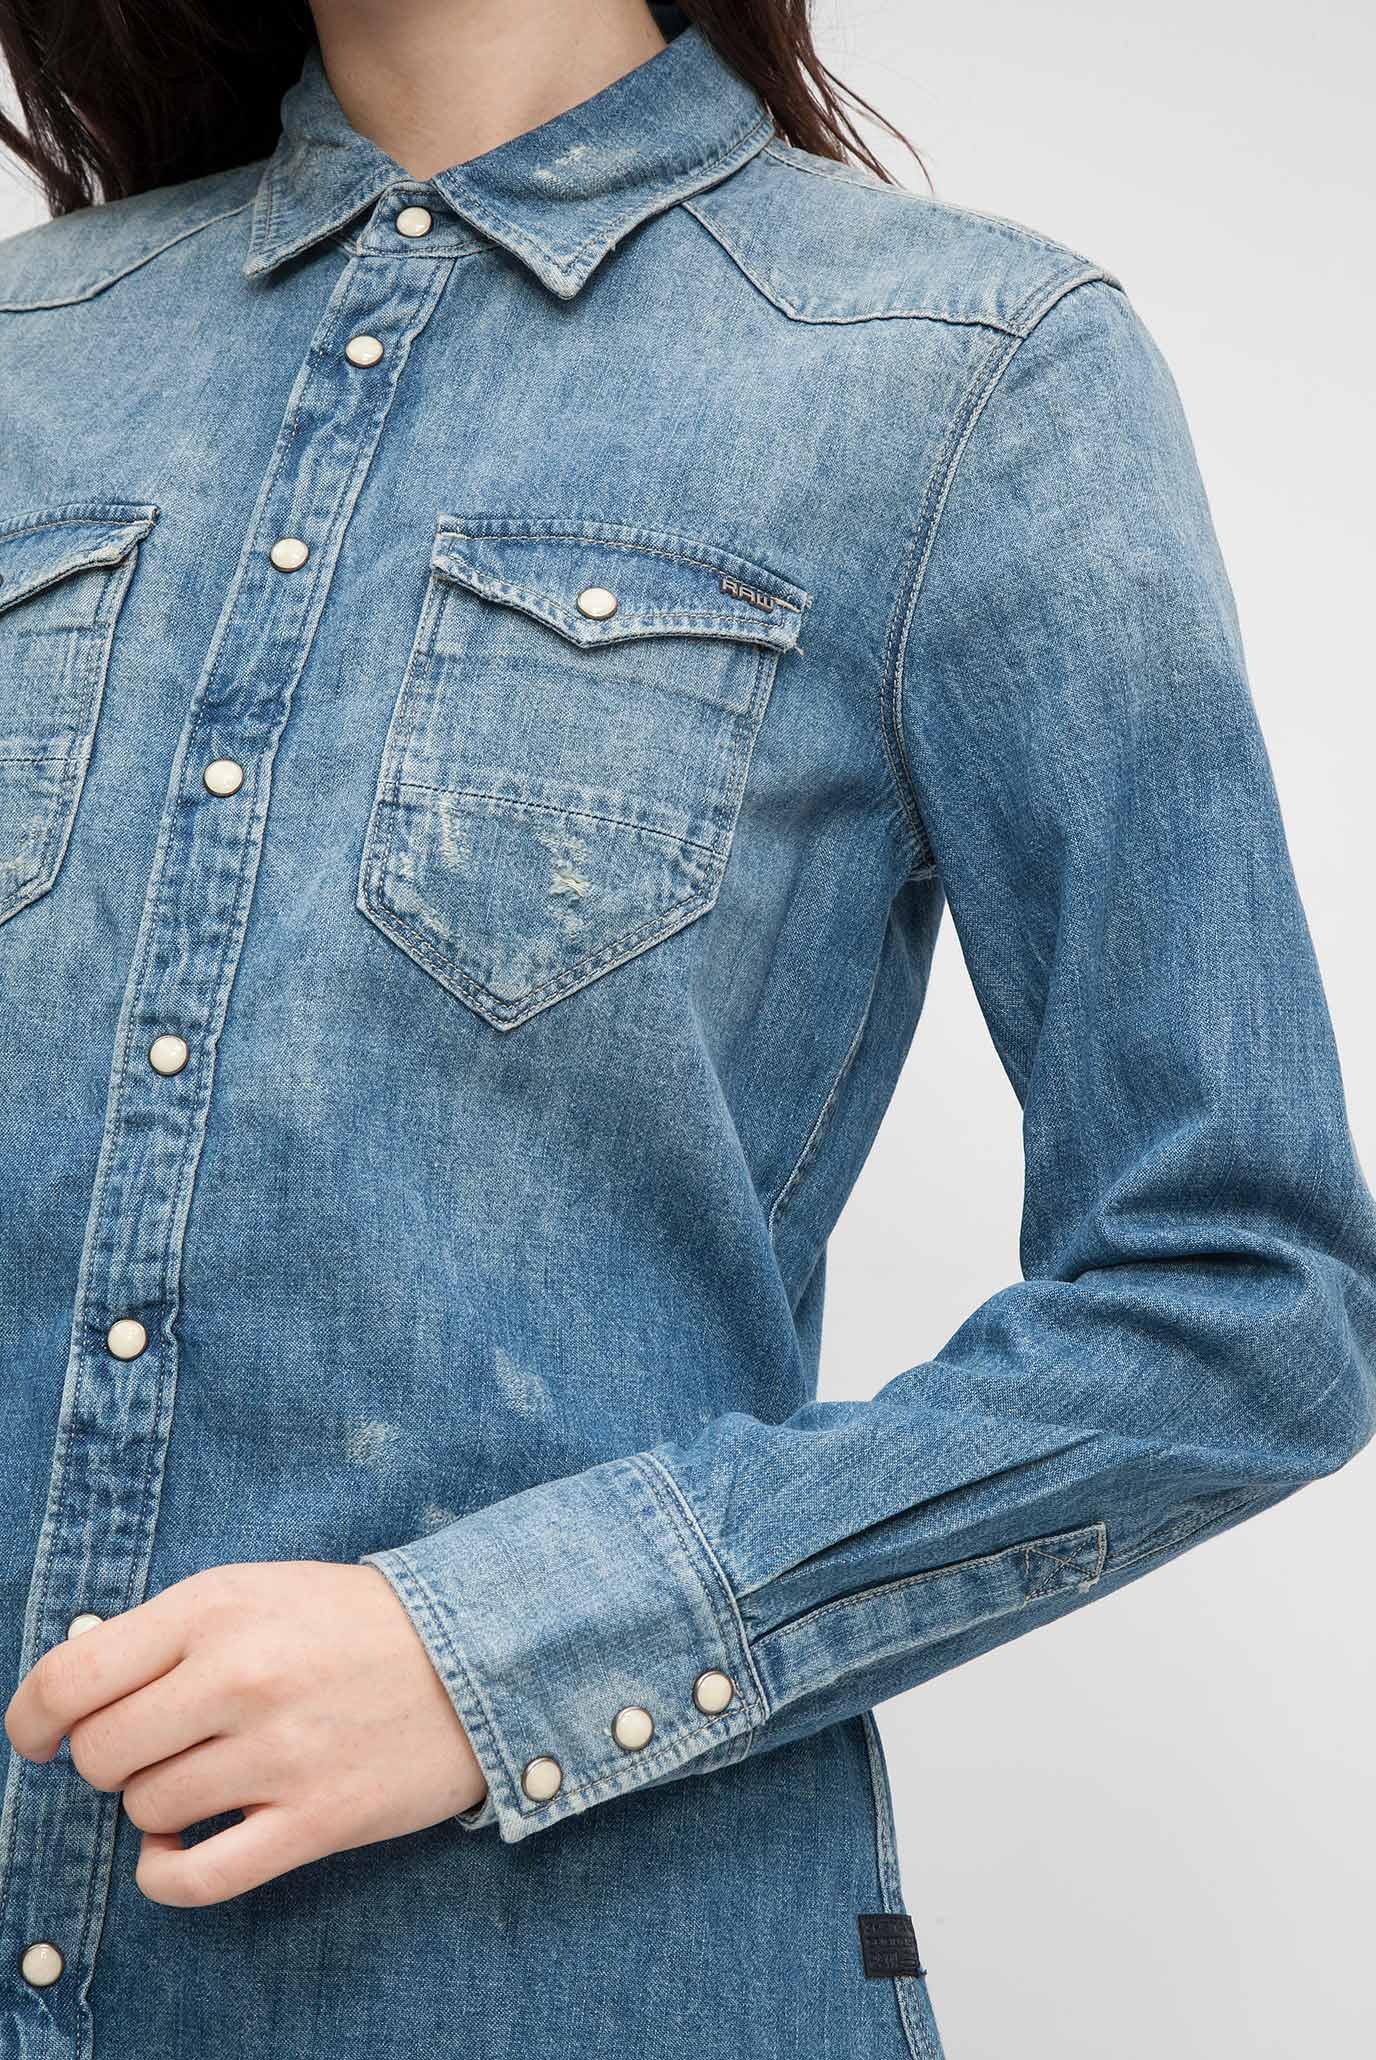 bfe692331f5 Купить Женская голубая джинсовая рубашка G-Star RAW G-Star RAW D04035